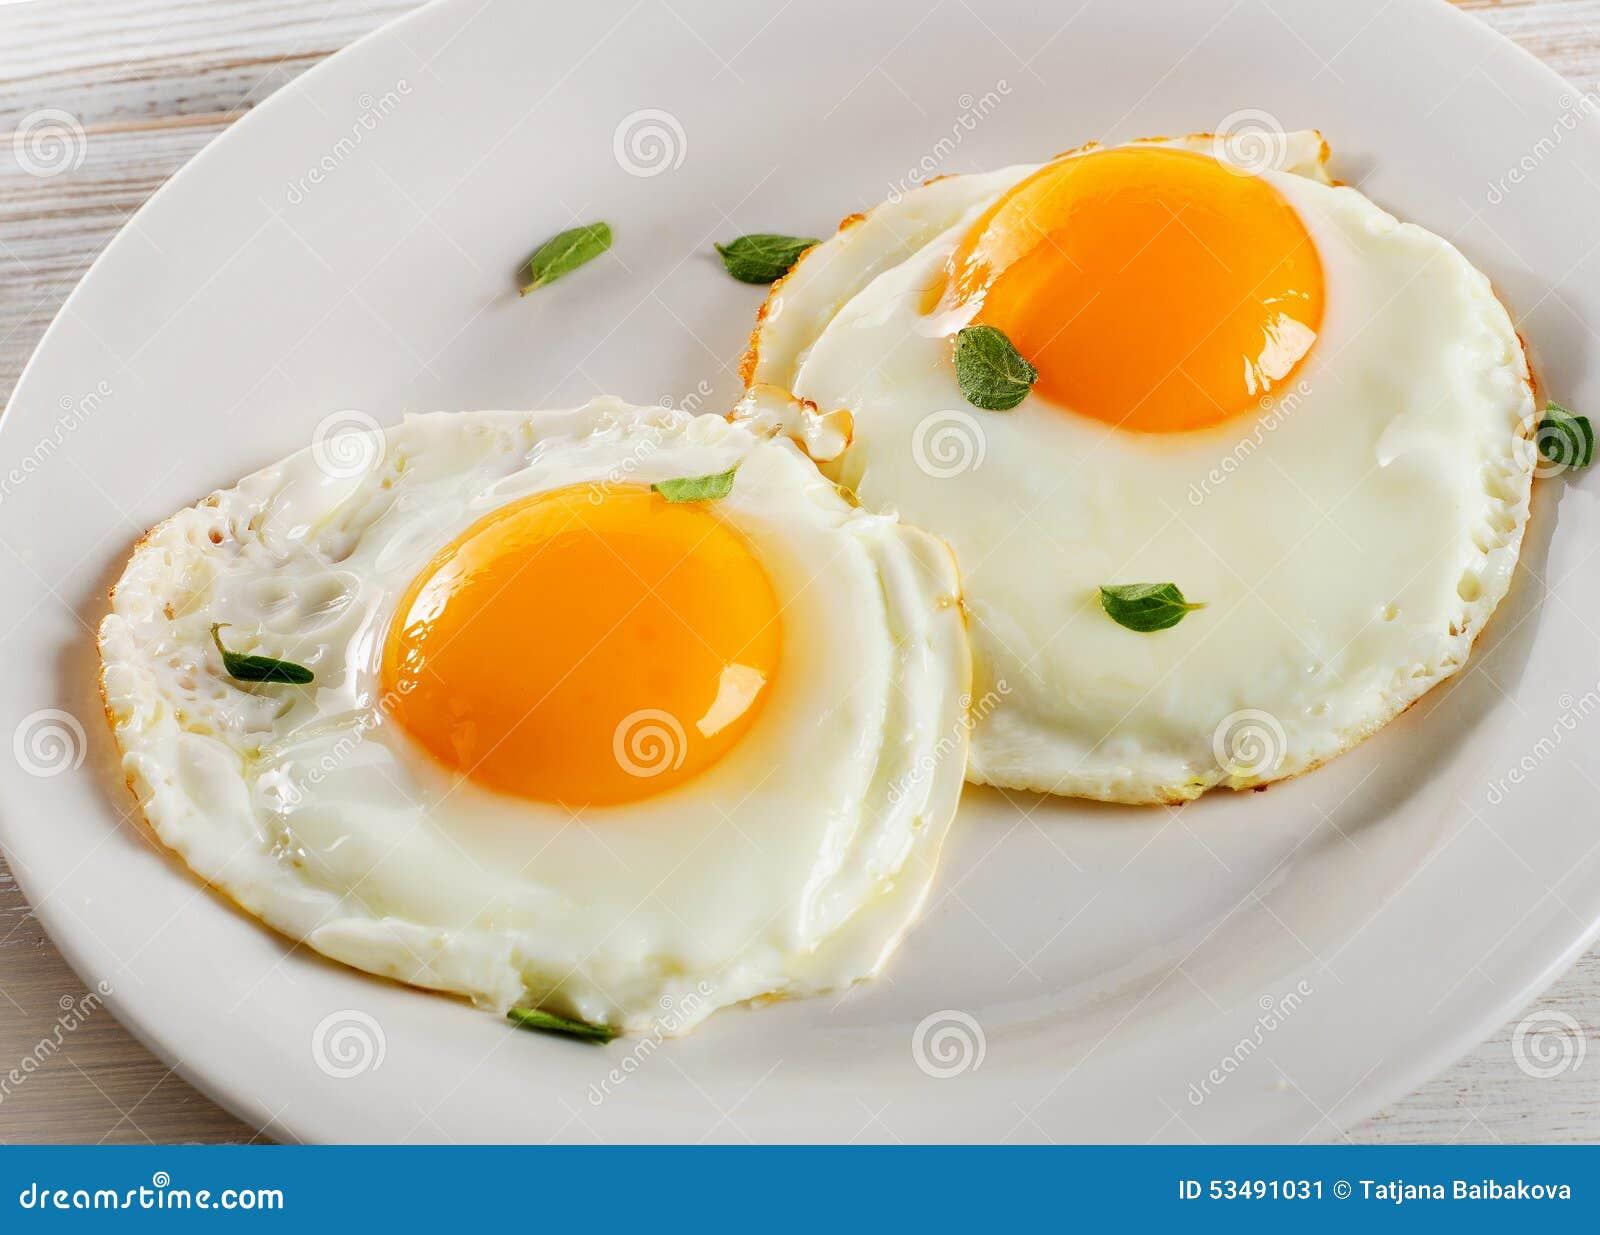 Entrevistas a los personajes - Página 15 Dos-huevos-fritos-en-la-placa-blanca-para-el-desayuno-sano-53491031